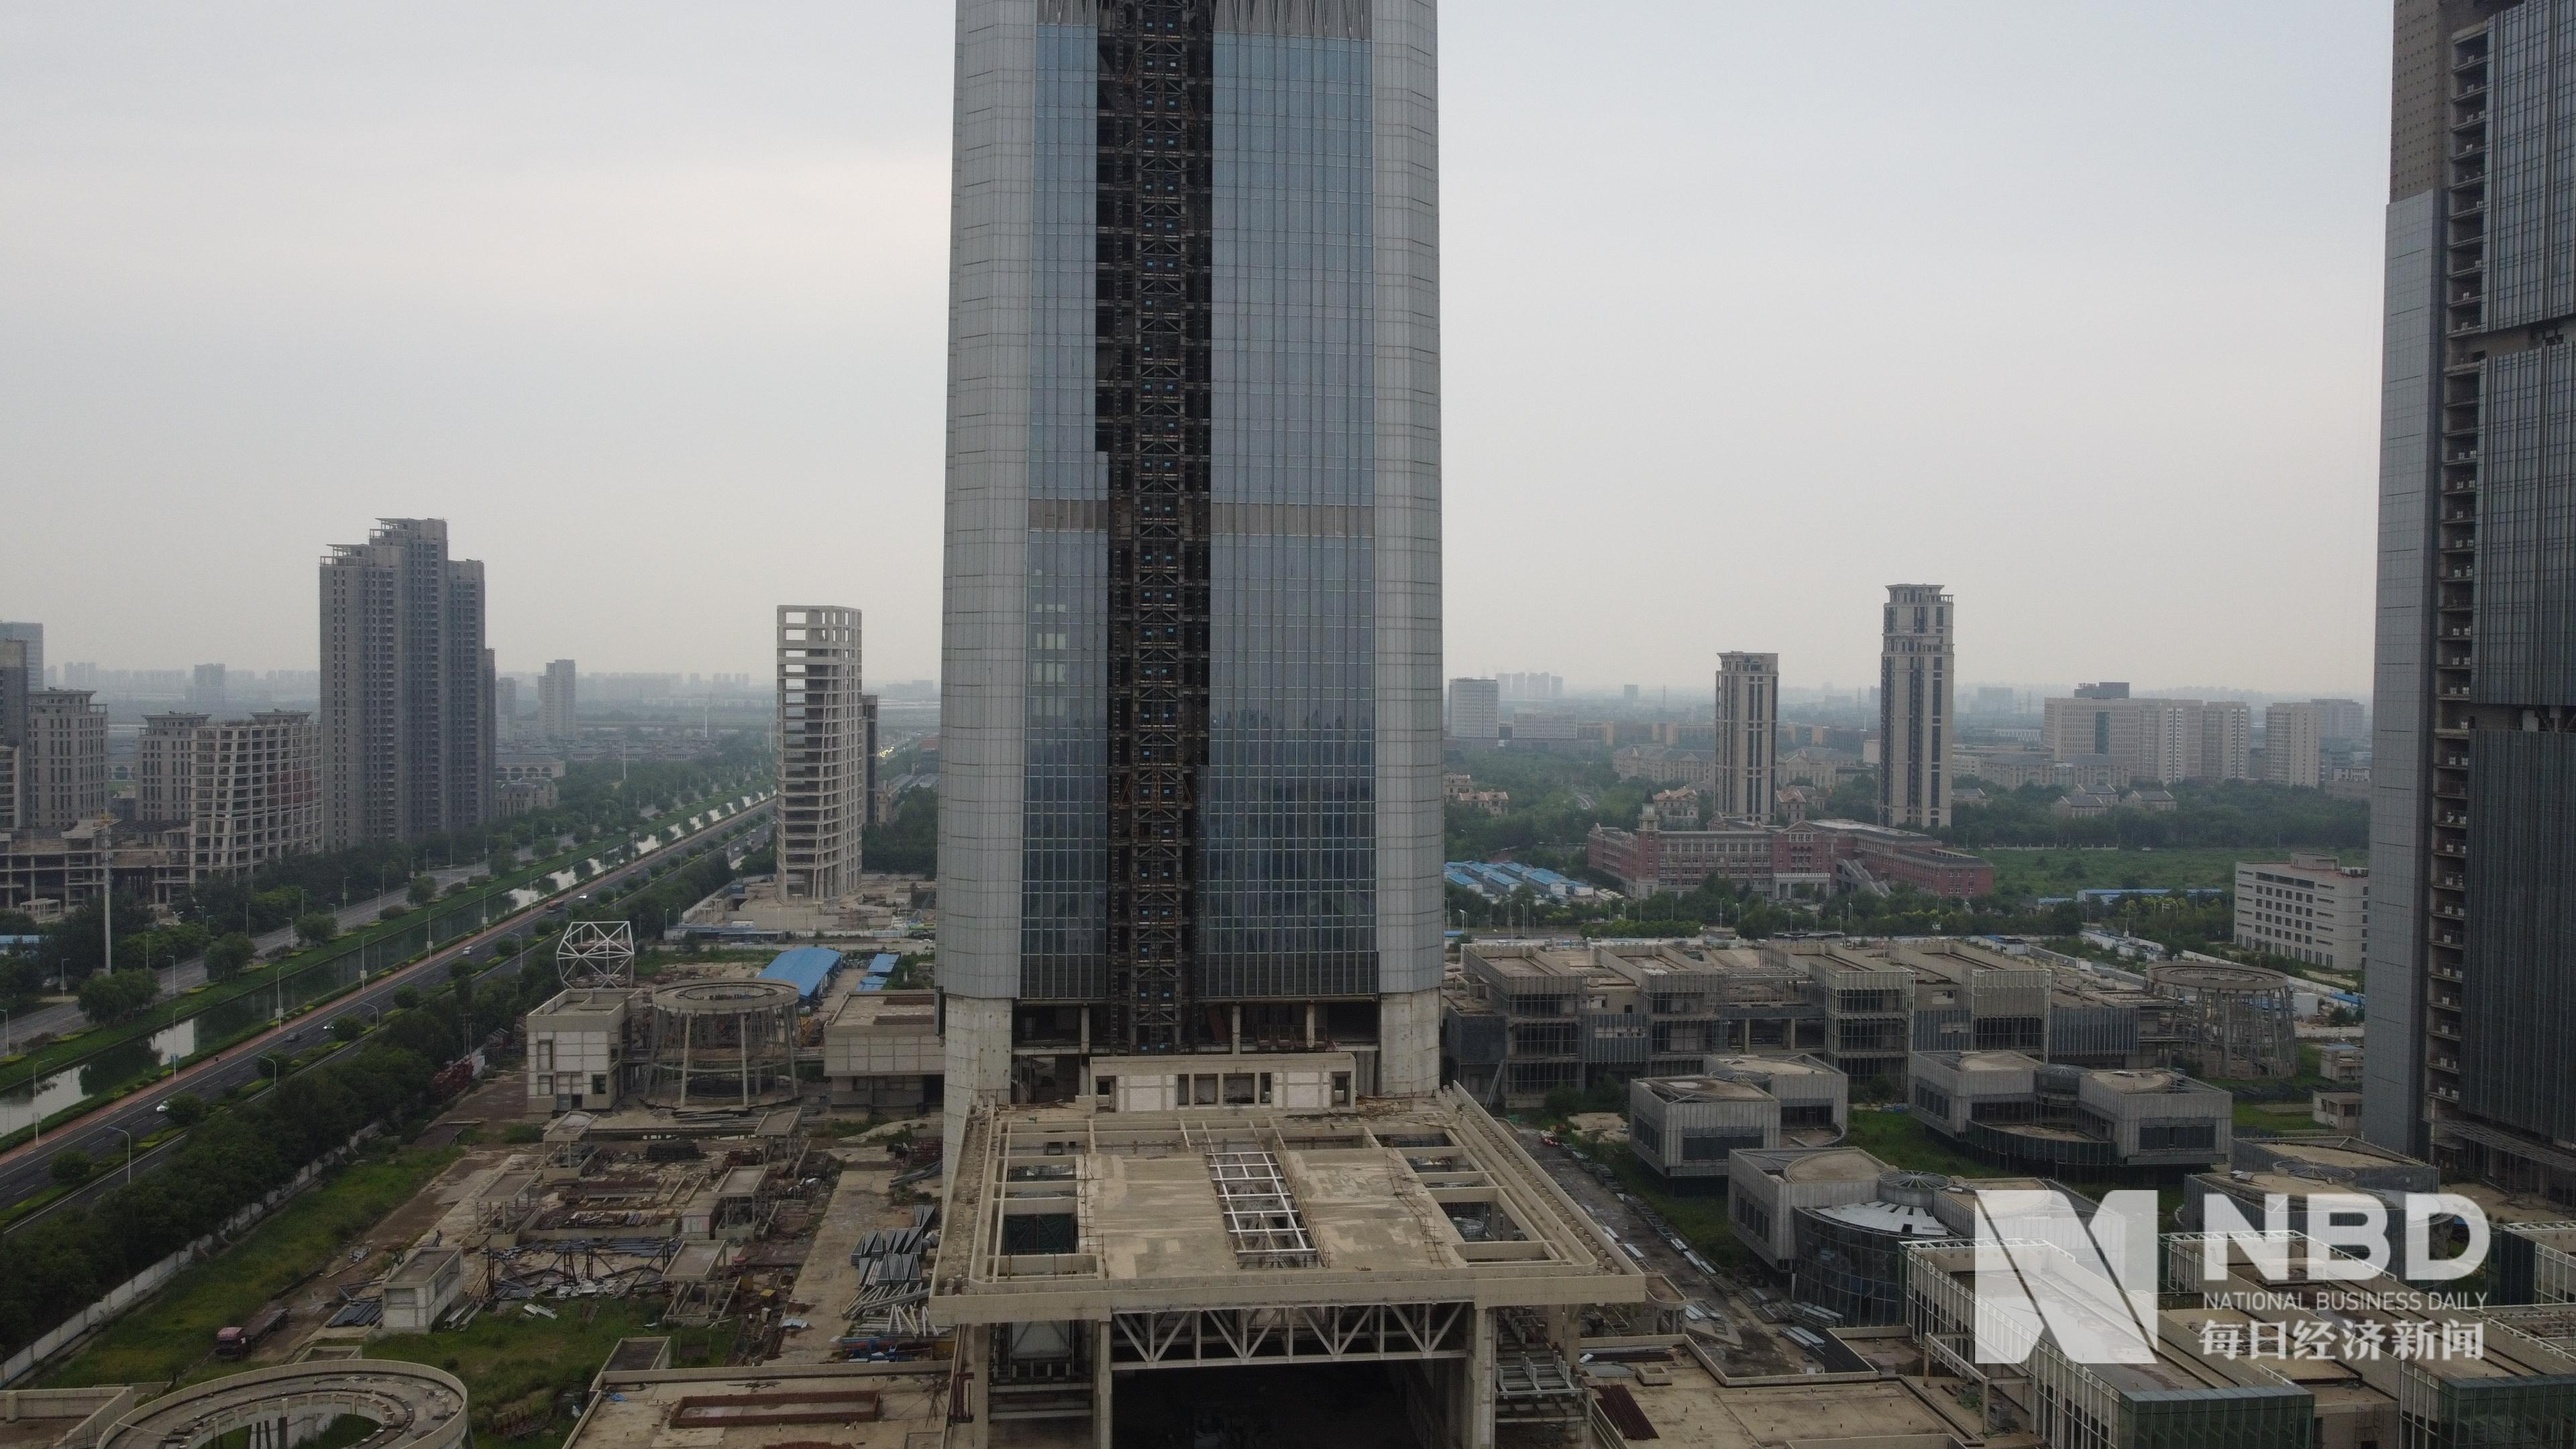 高近600米、投入400亿……中国最高烂尾楼何时能复工?